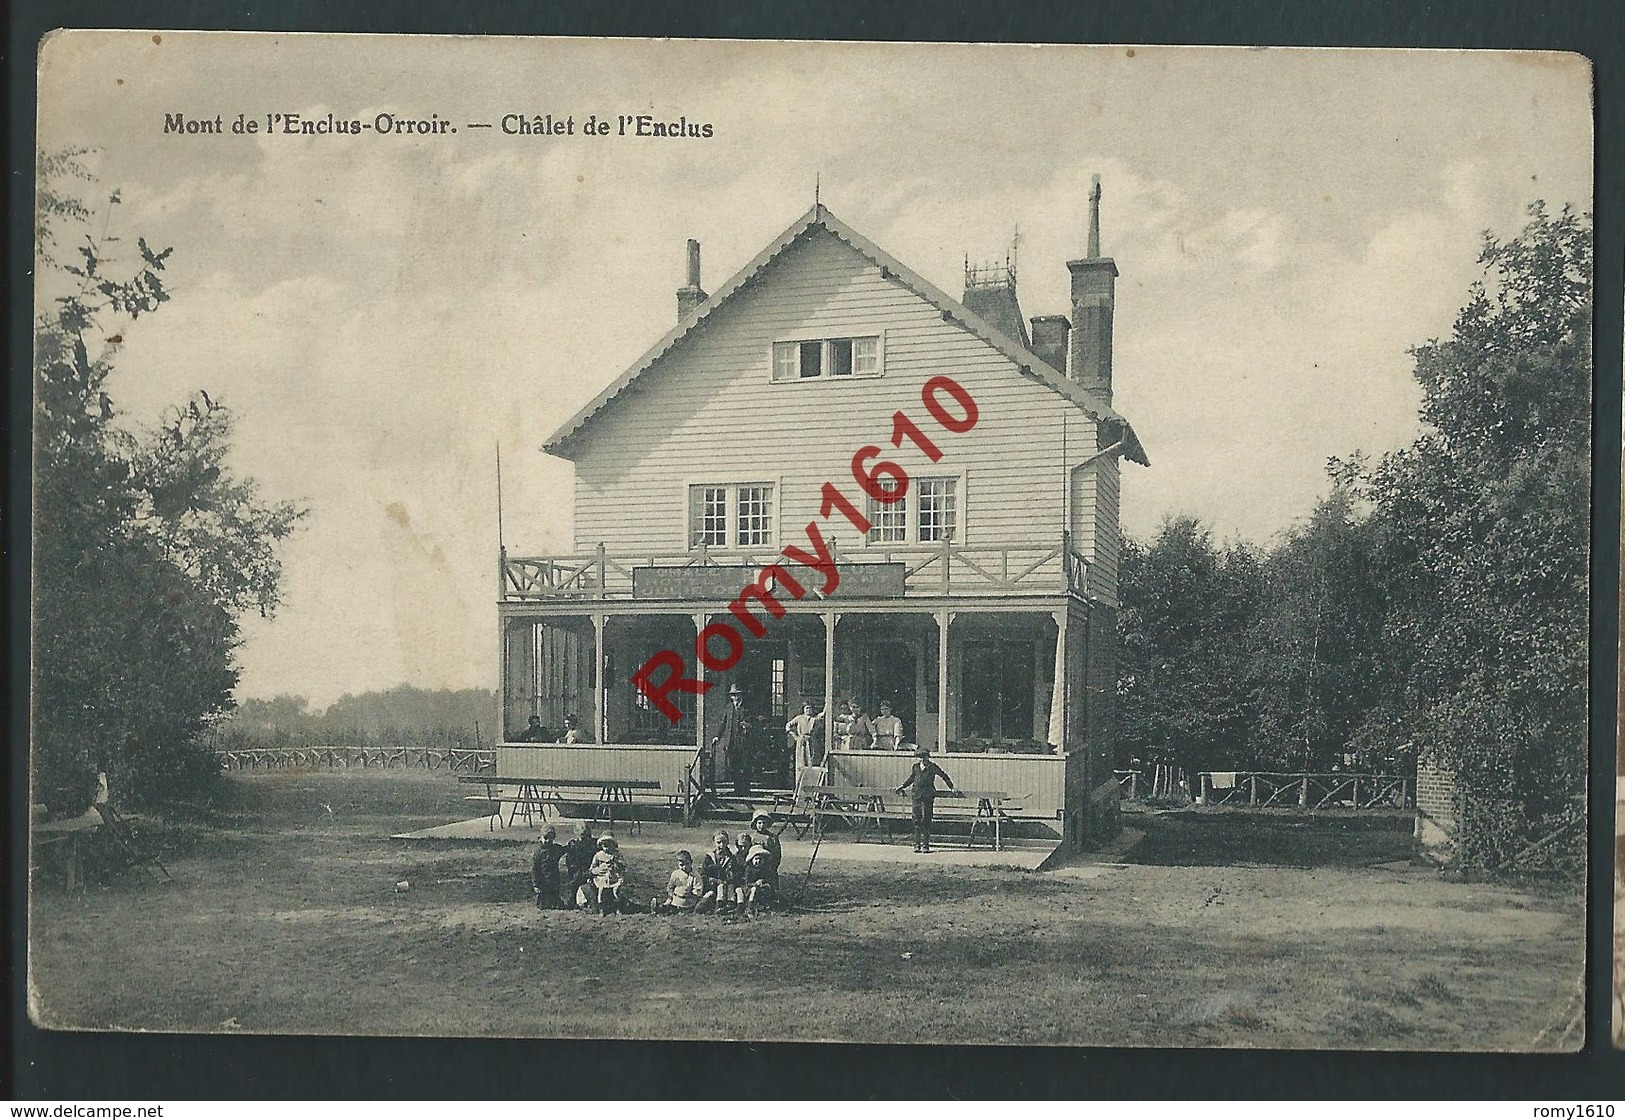 Mont -de- L'Enclus- Orroir. Chalet De L'Enclus. Animée.  1919.  2 Scans. - Mont-de-l'Enclus